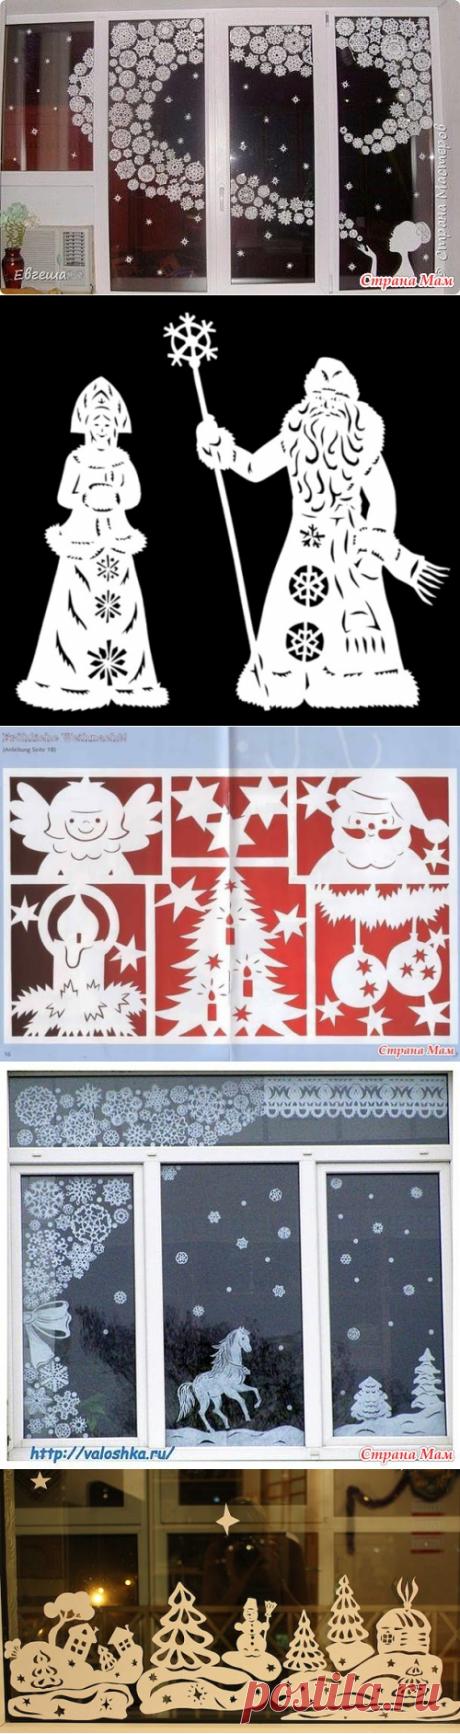 Adornamiento de las ventanas para la Navidad y el Nuevo año. Y los patrones. - el club de las Ideas De Año Nuevo o Prepara el trineo en verano. - el país de las Mamás